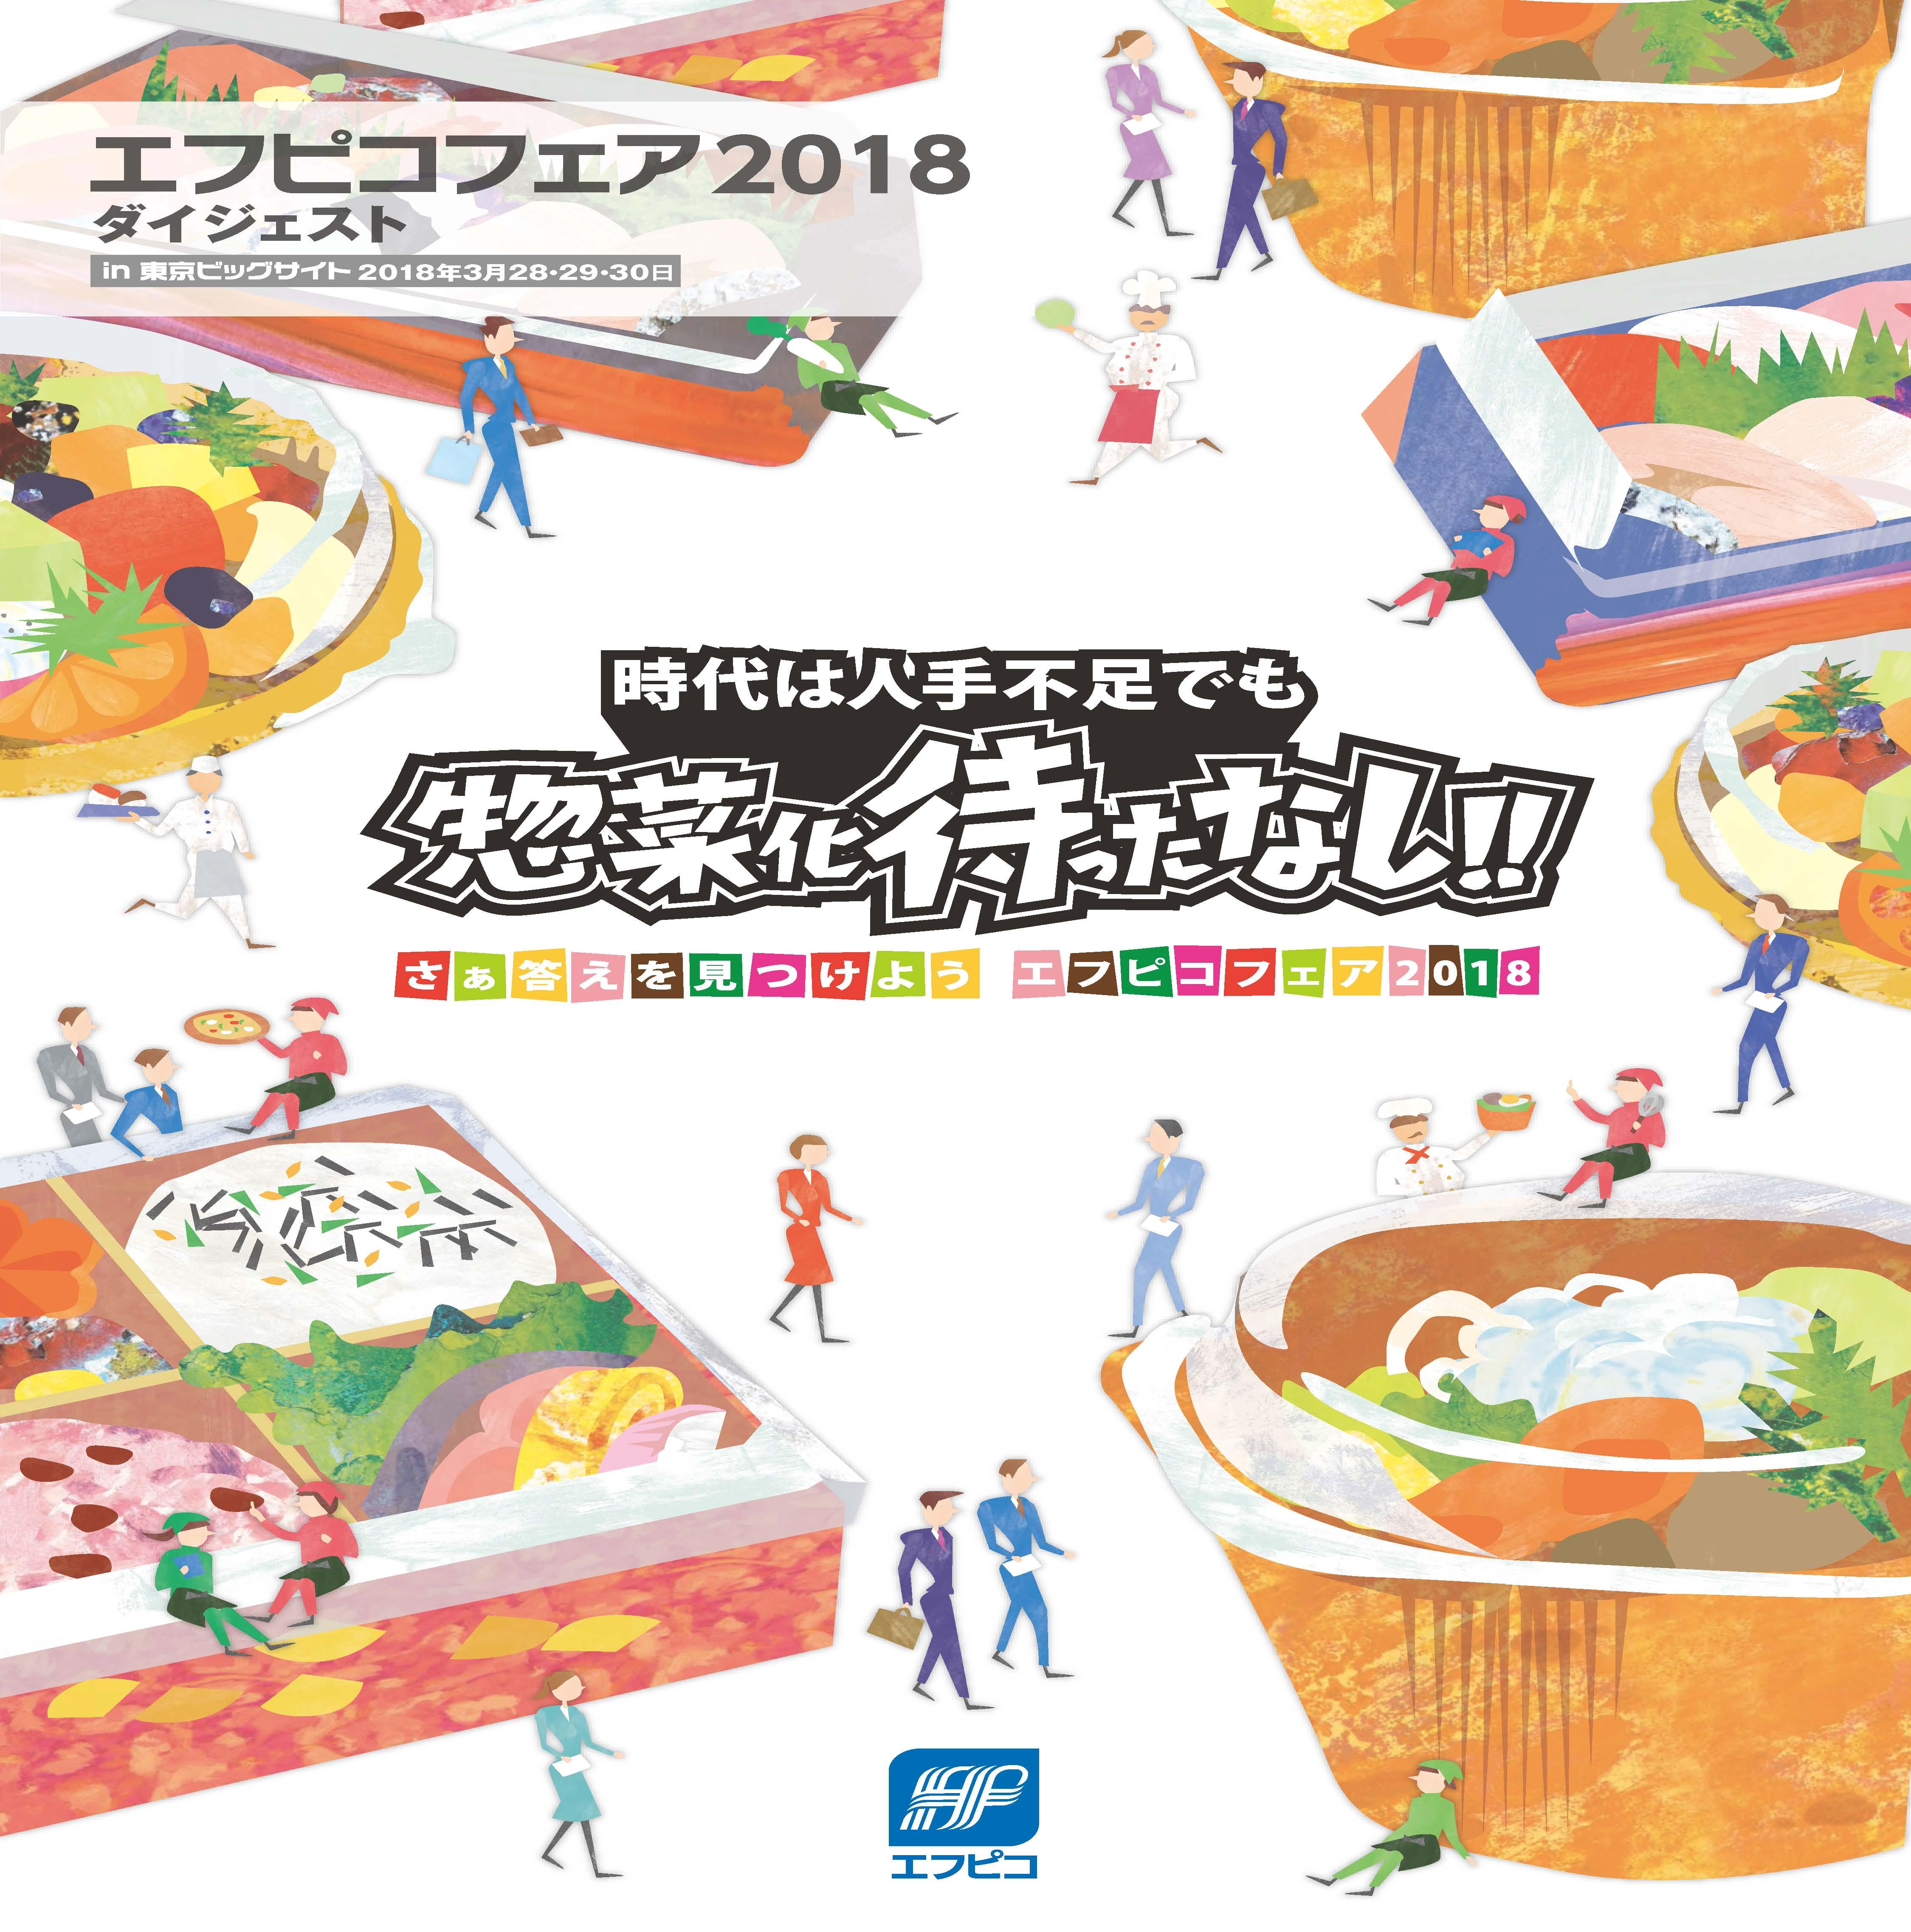 【製品カタログ】エフピコフェア2018ダイジェスト